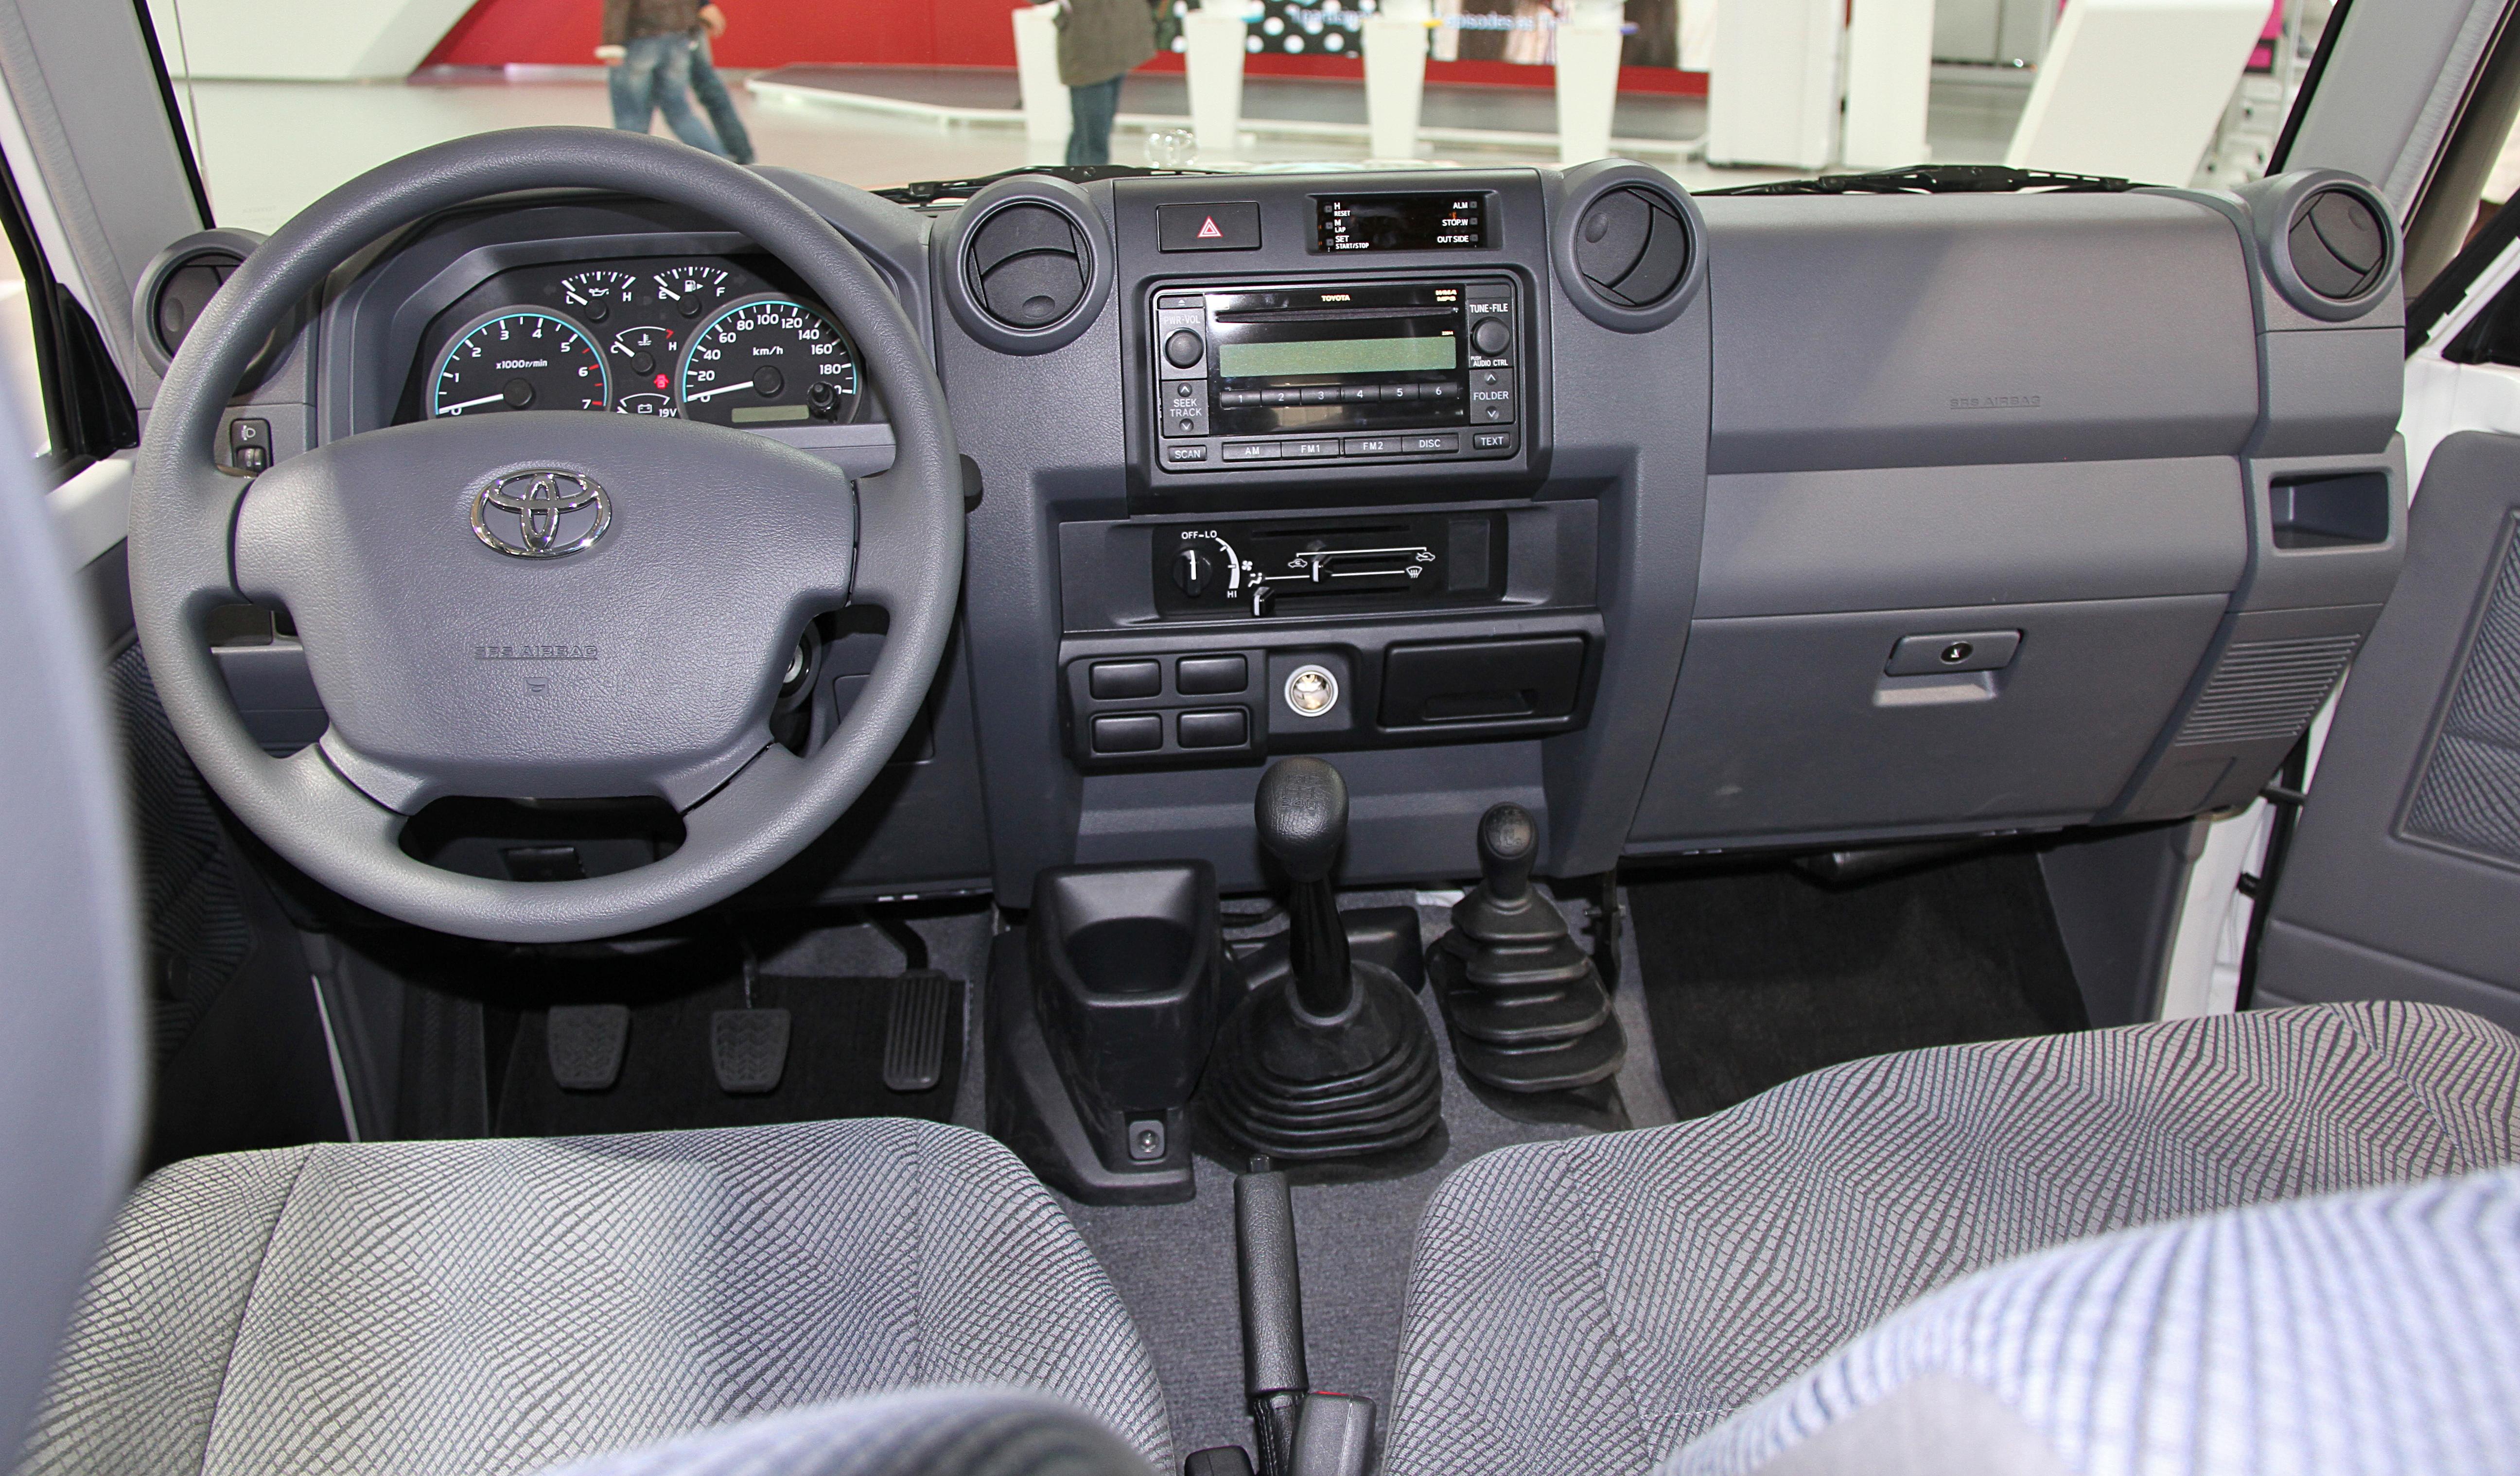 Kekurangan Toyota Lx Spesifikasi